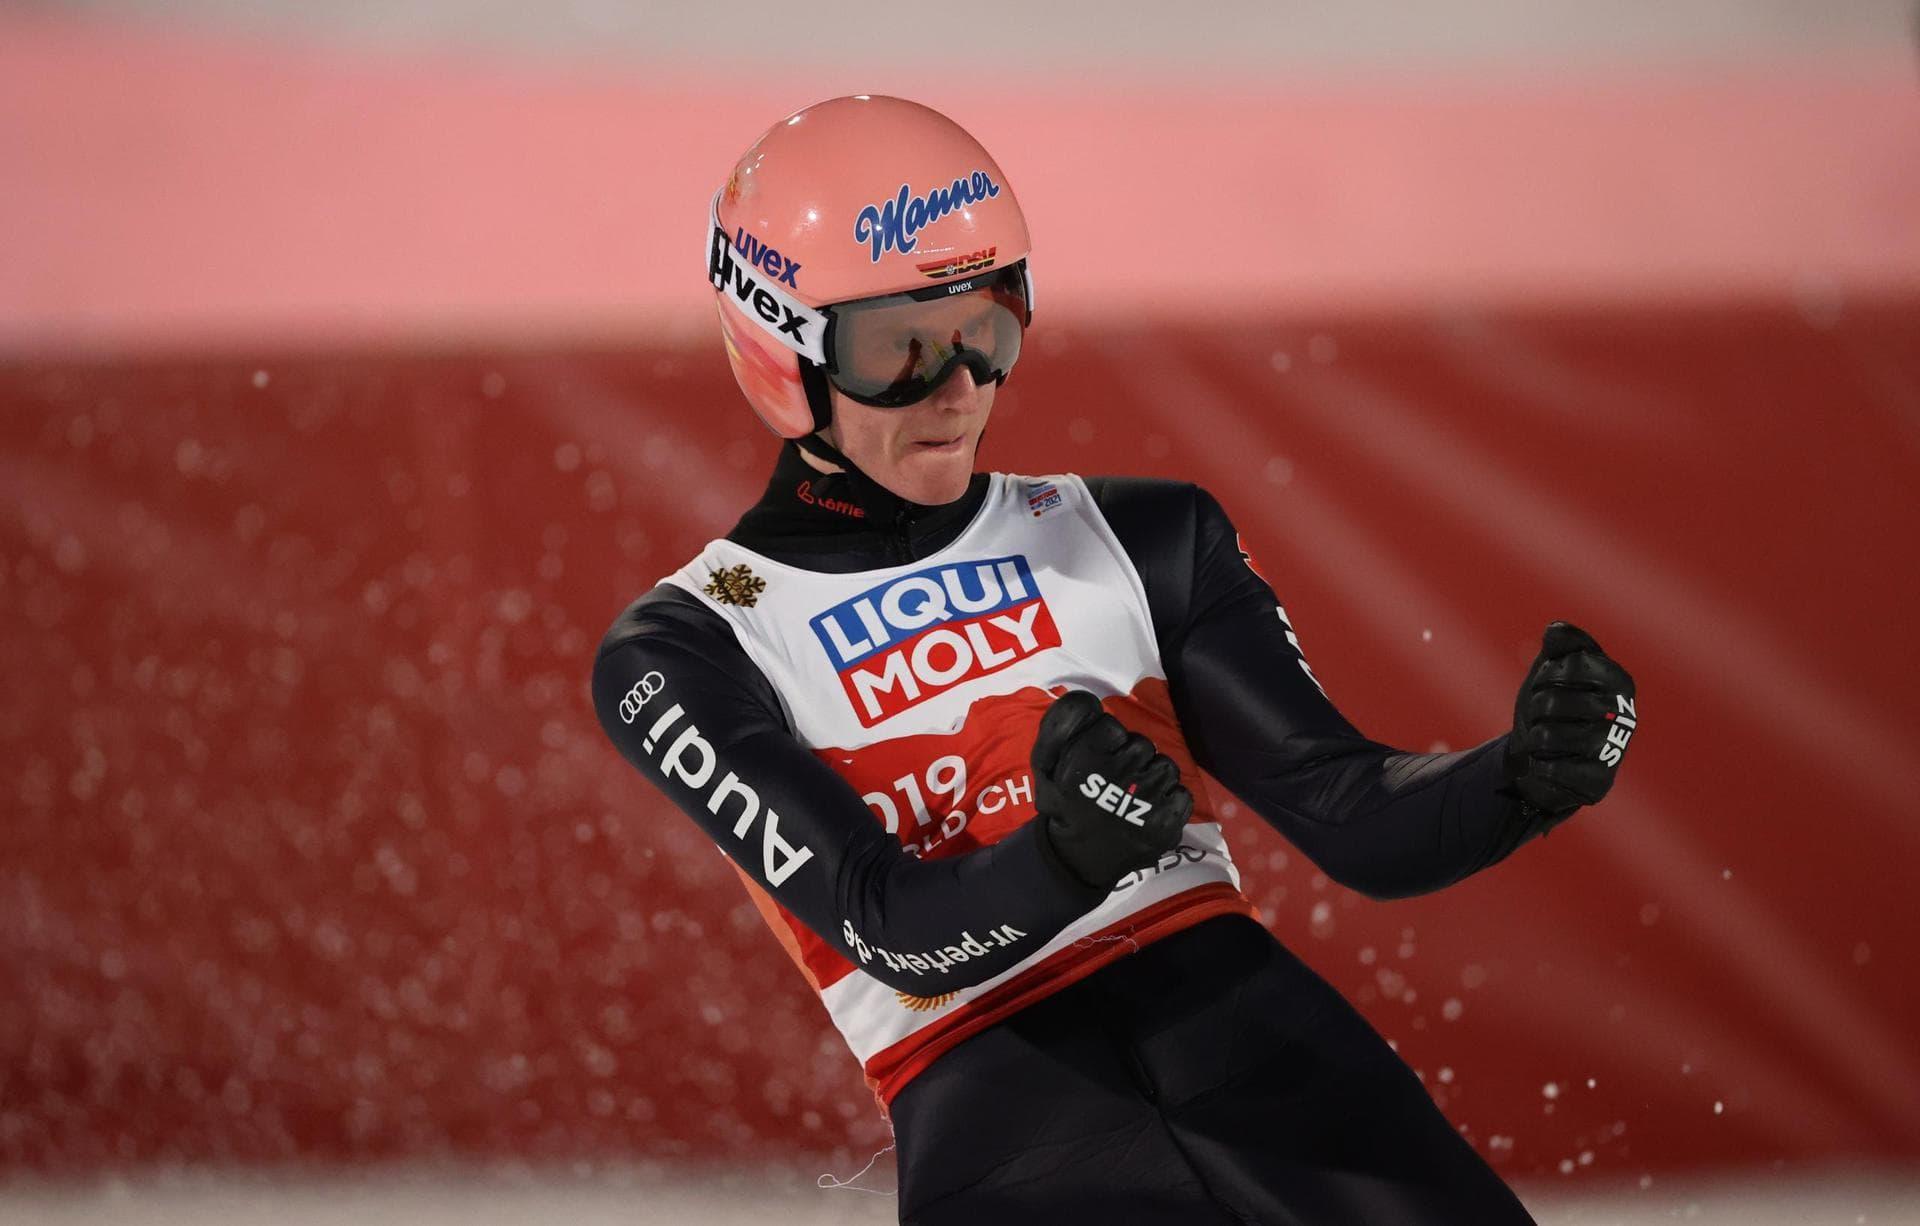 20 Grad, drei Medaillen: So lief die erste Oberstdorf-Woche Nordische Ski-WM